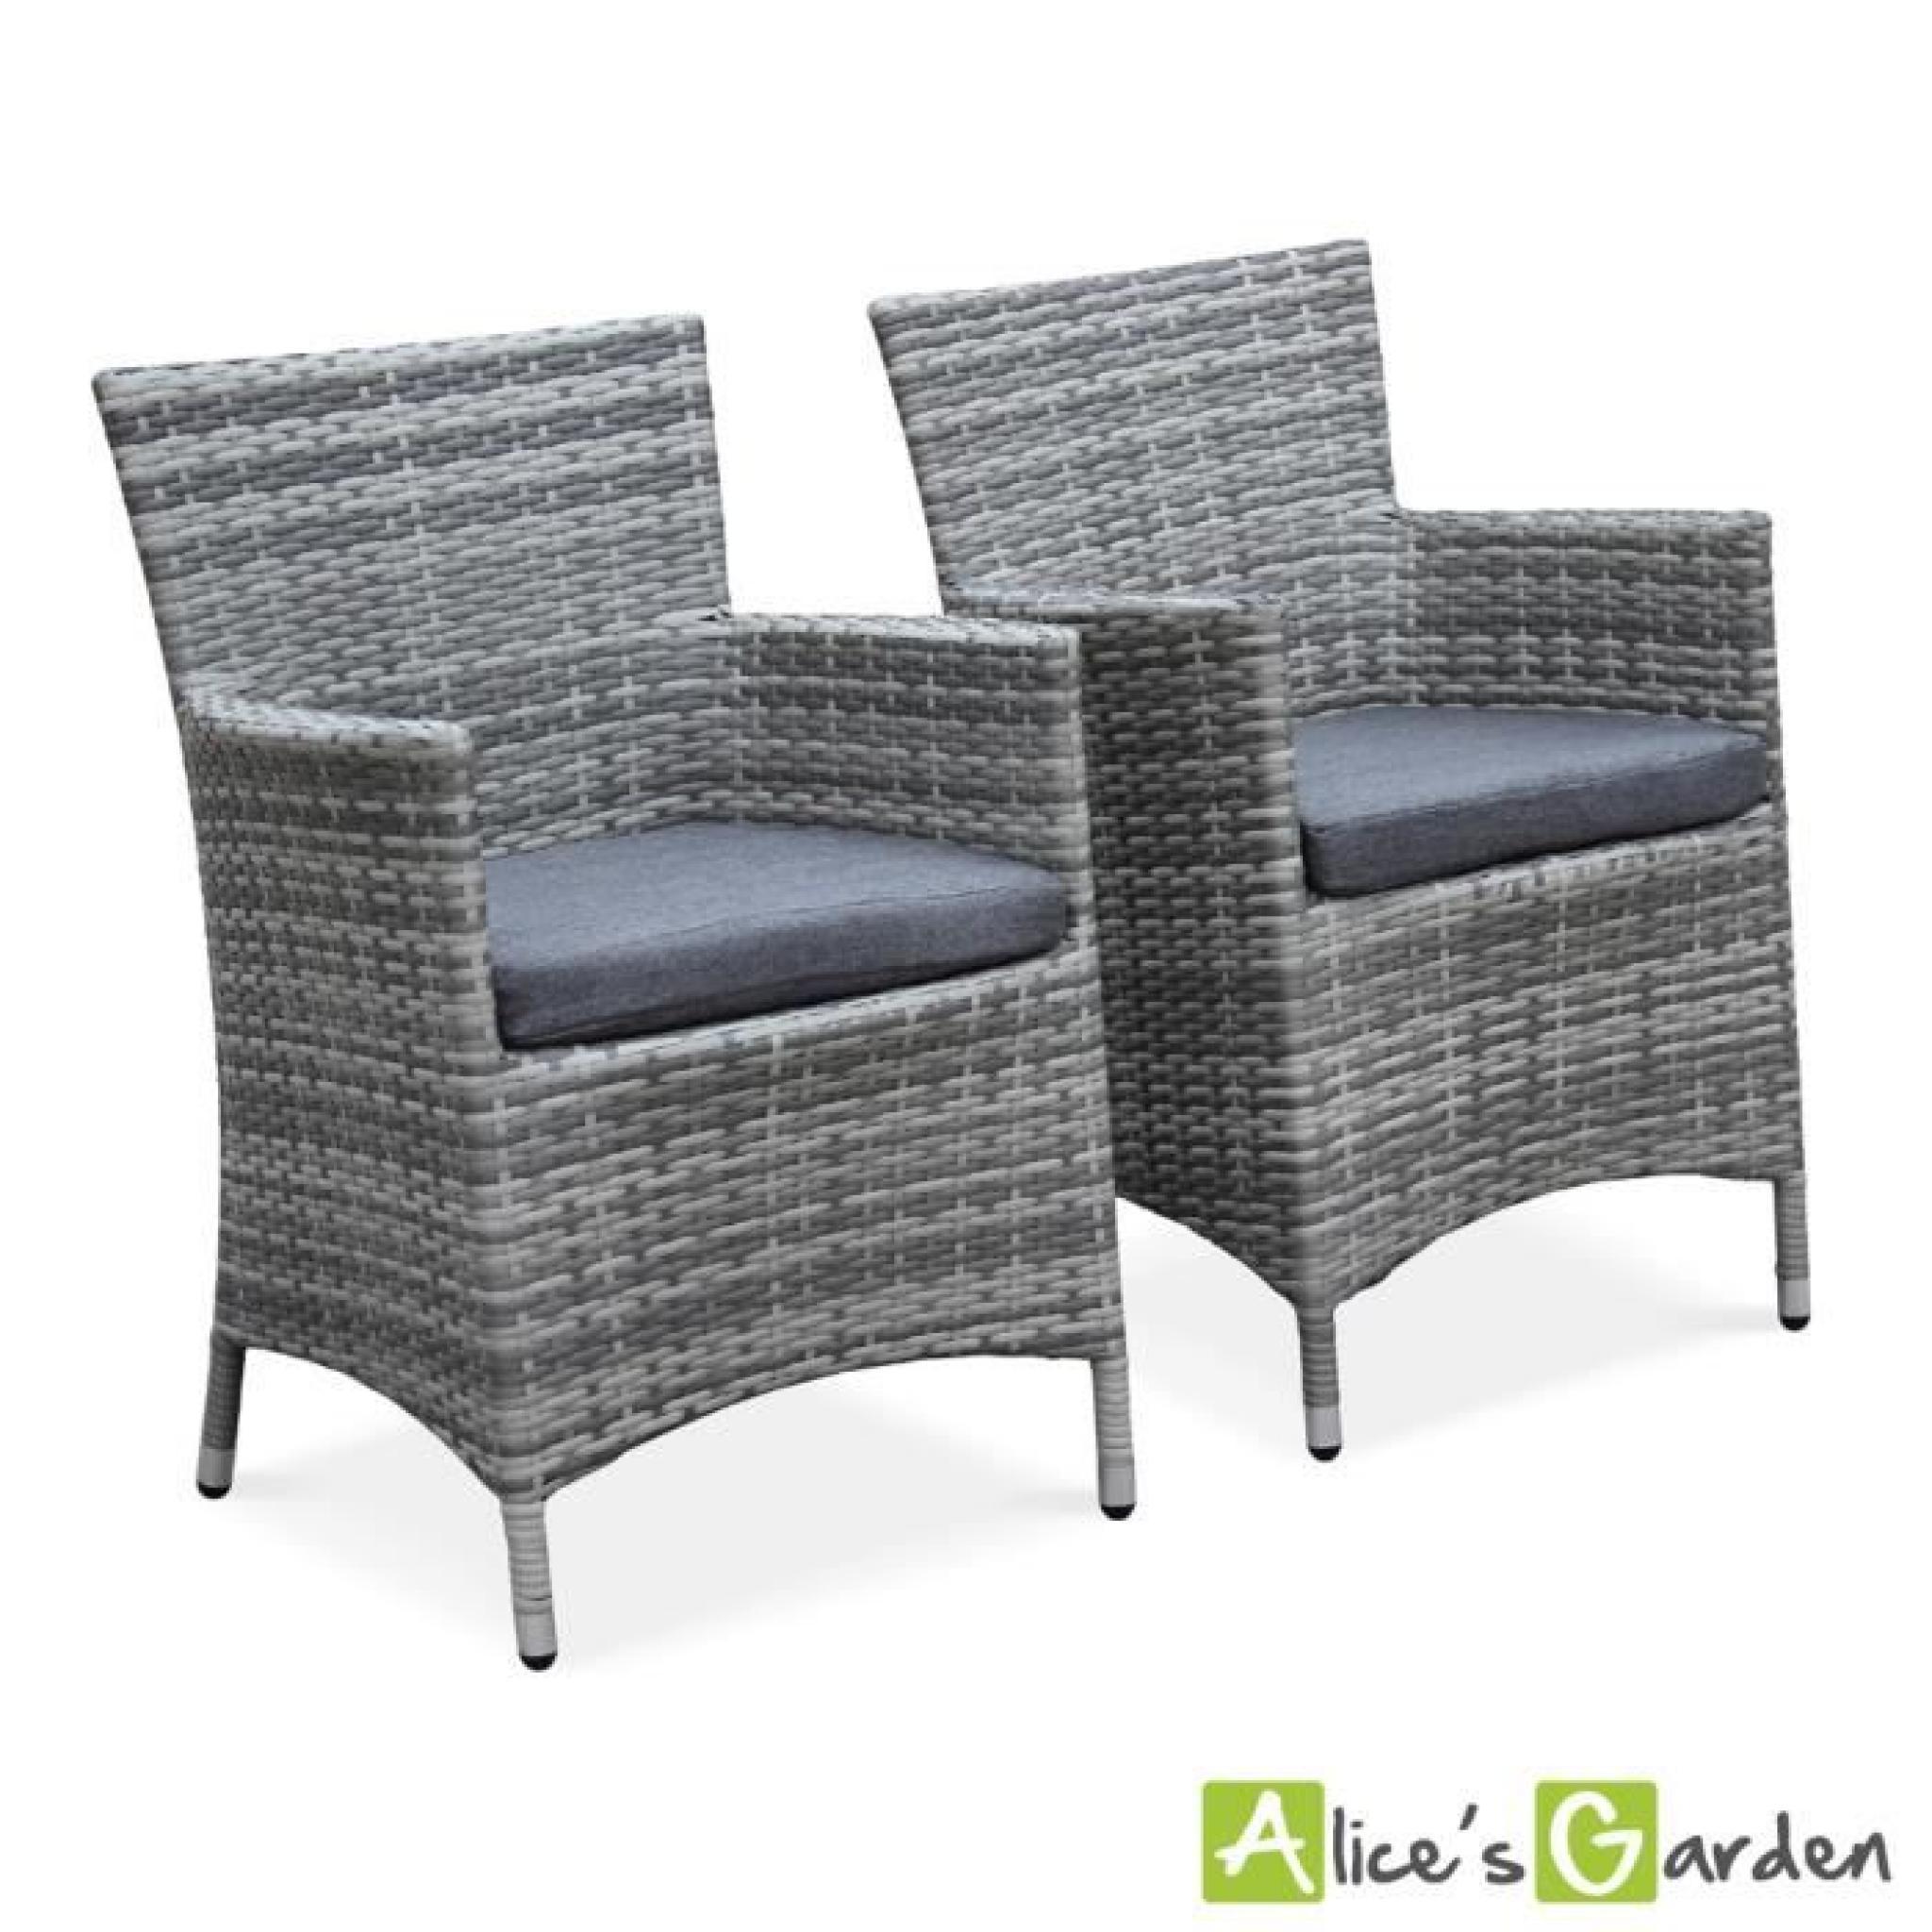 Ensemble de 2 fauteuils de jardin Palermo nuances de gris en résine  tressée, structure aluminium